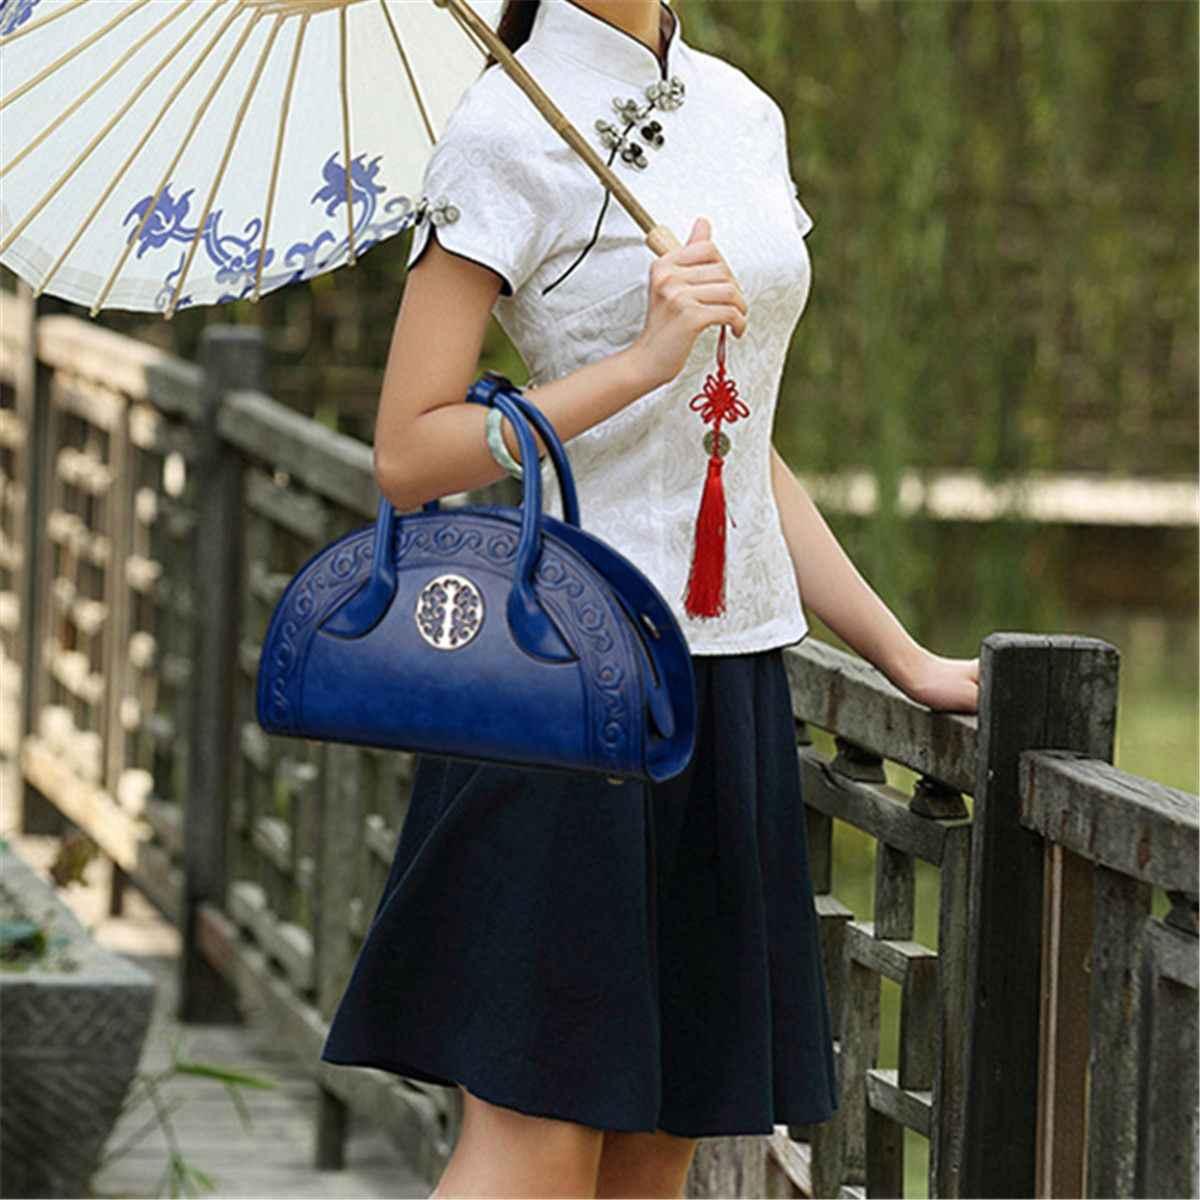 2019 chiński styl czerwony zielony kobiety luksusowa torebka markowa skóra ekologiczna tłoczona Crossbody Tote Vintage torba sac a main